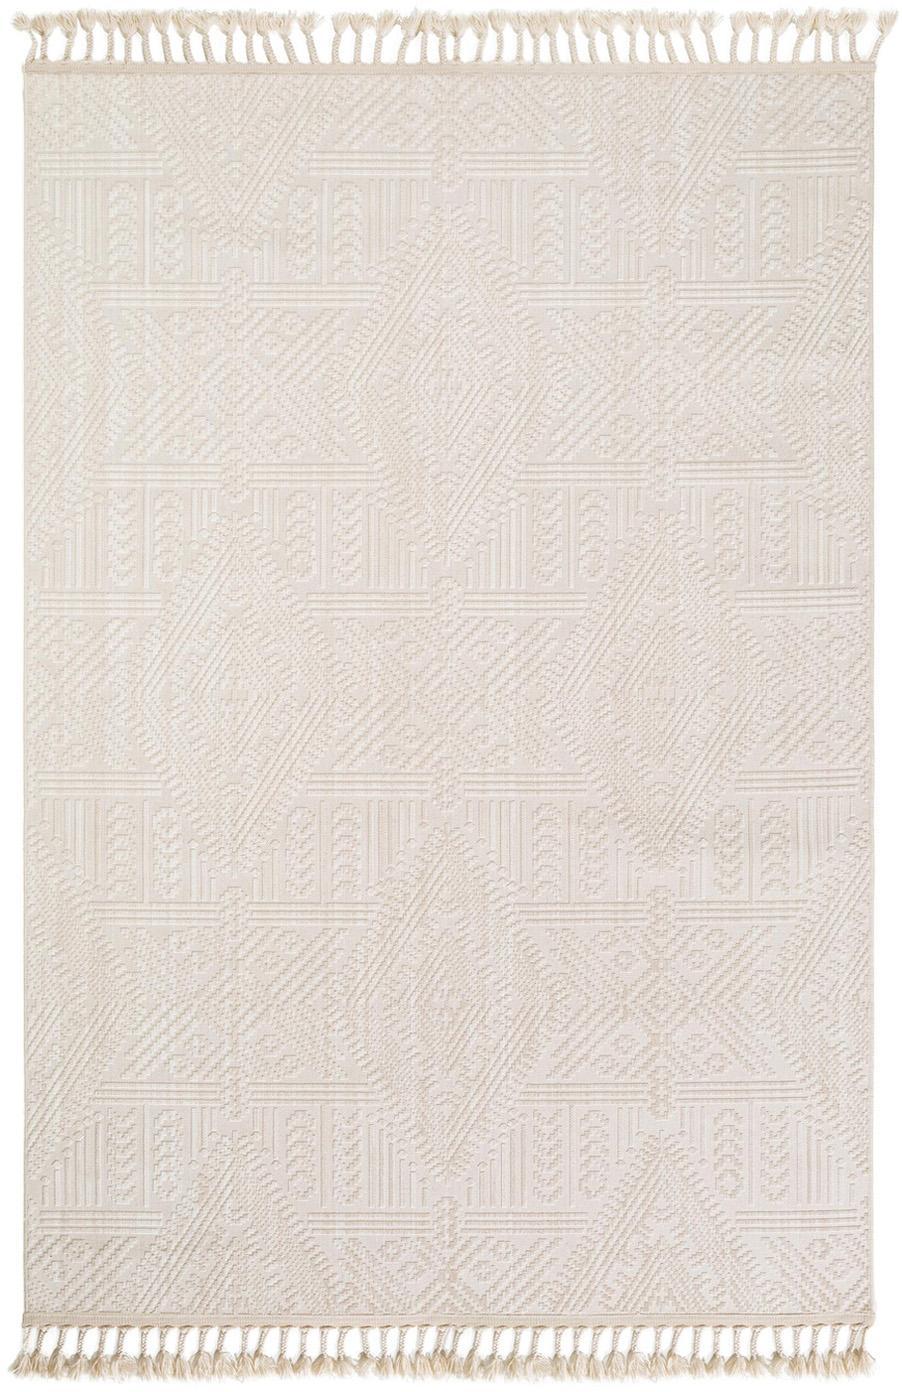 Teppich Laila Tang mit Hoch-Tief-Effekt in Creme, Flor: Polyester, Cremefarben, B 190 x L 290 cm (Größe L)